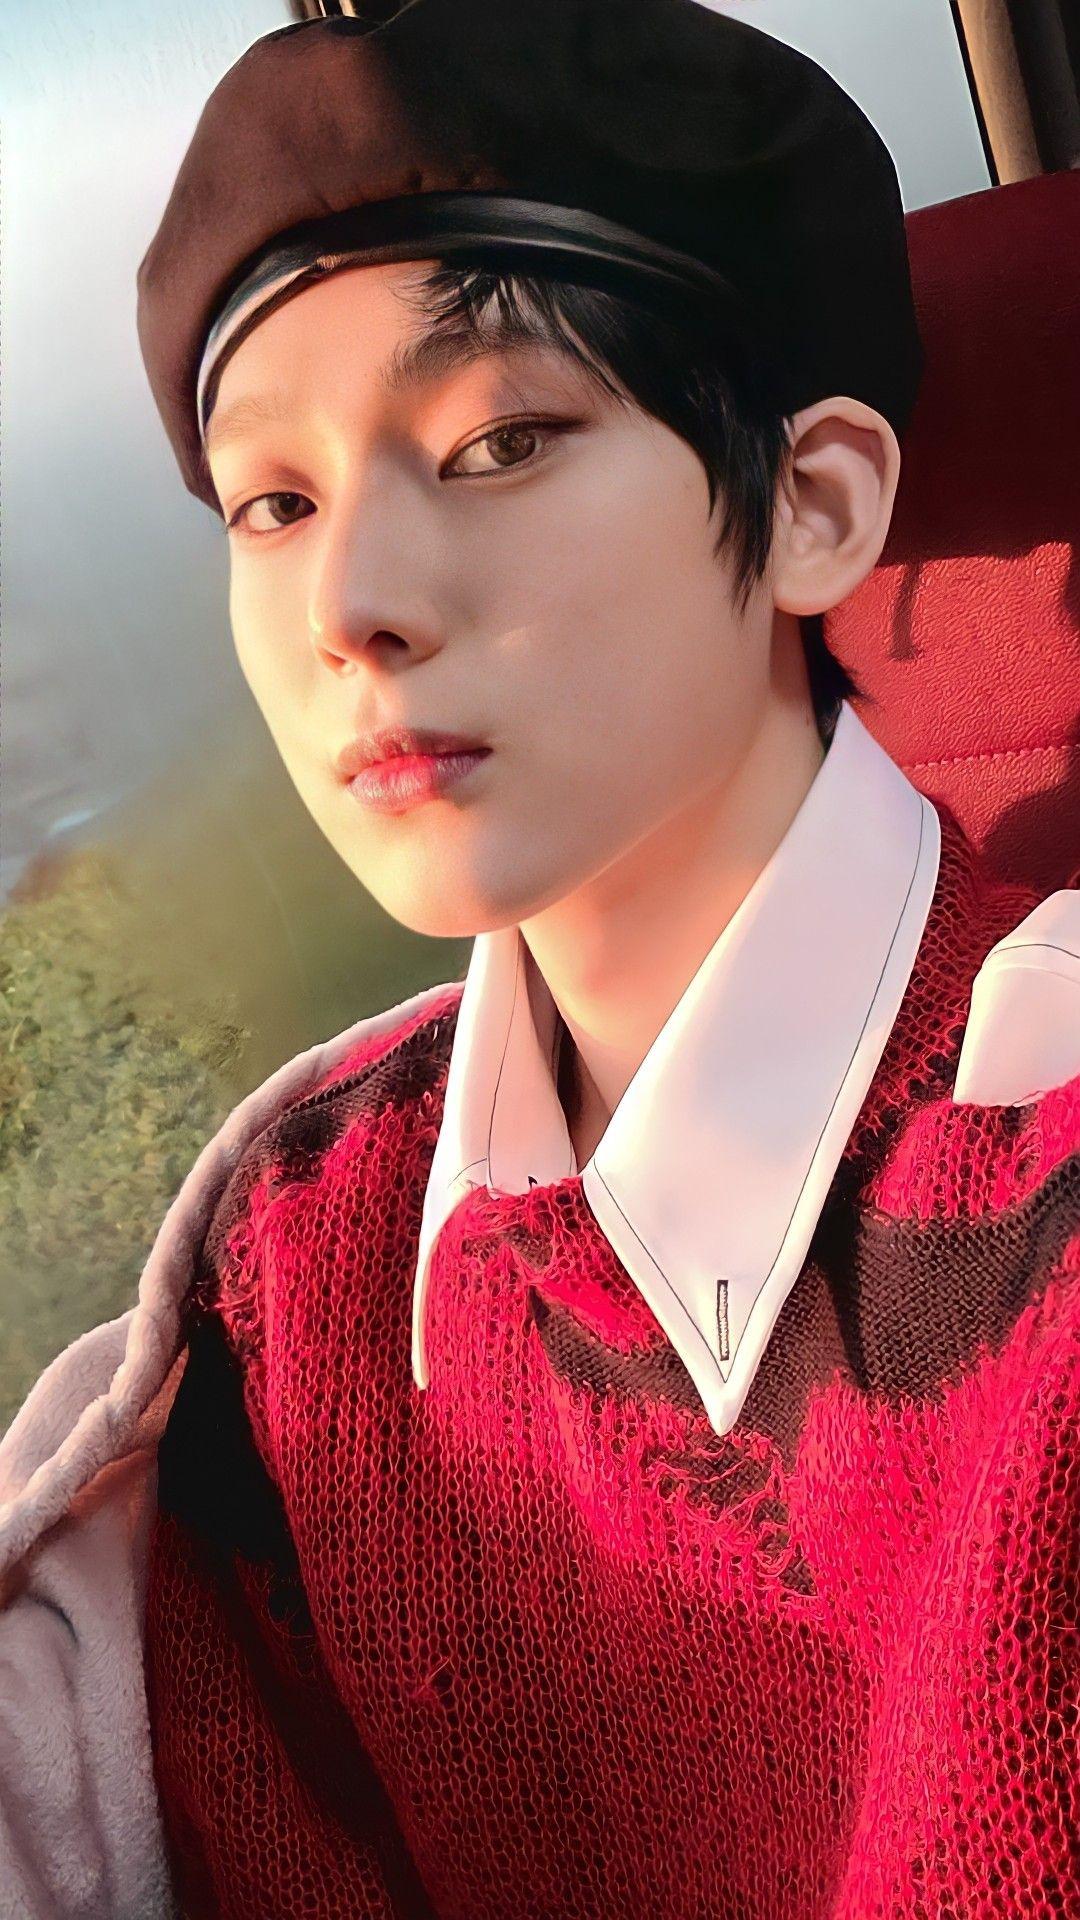 Wallpaper Sunoo Enhypen Cute Korean Boys Kim Sun Photocard